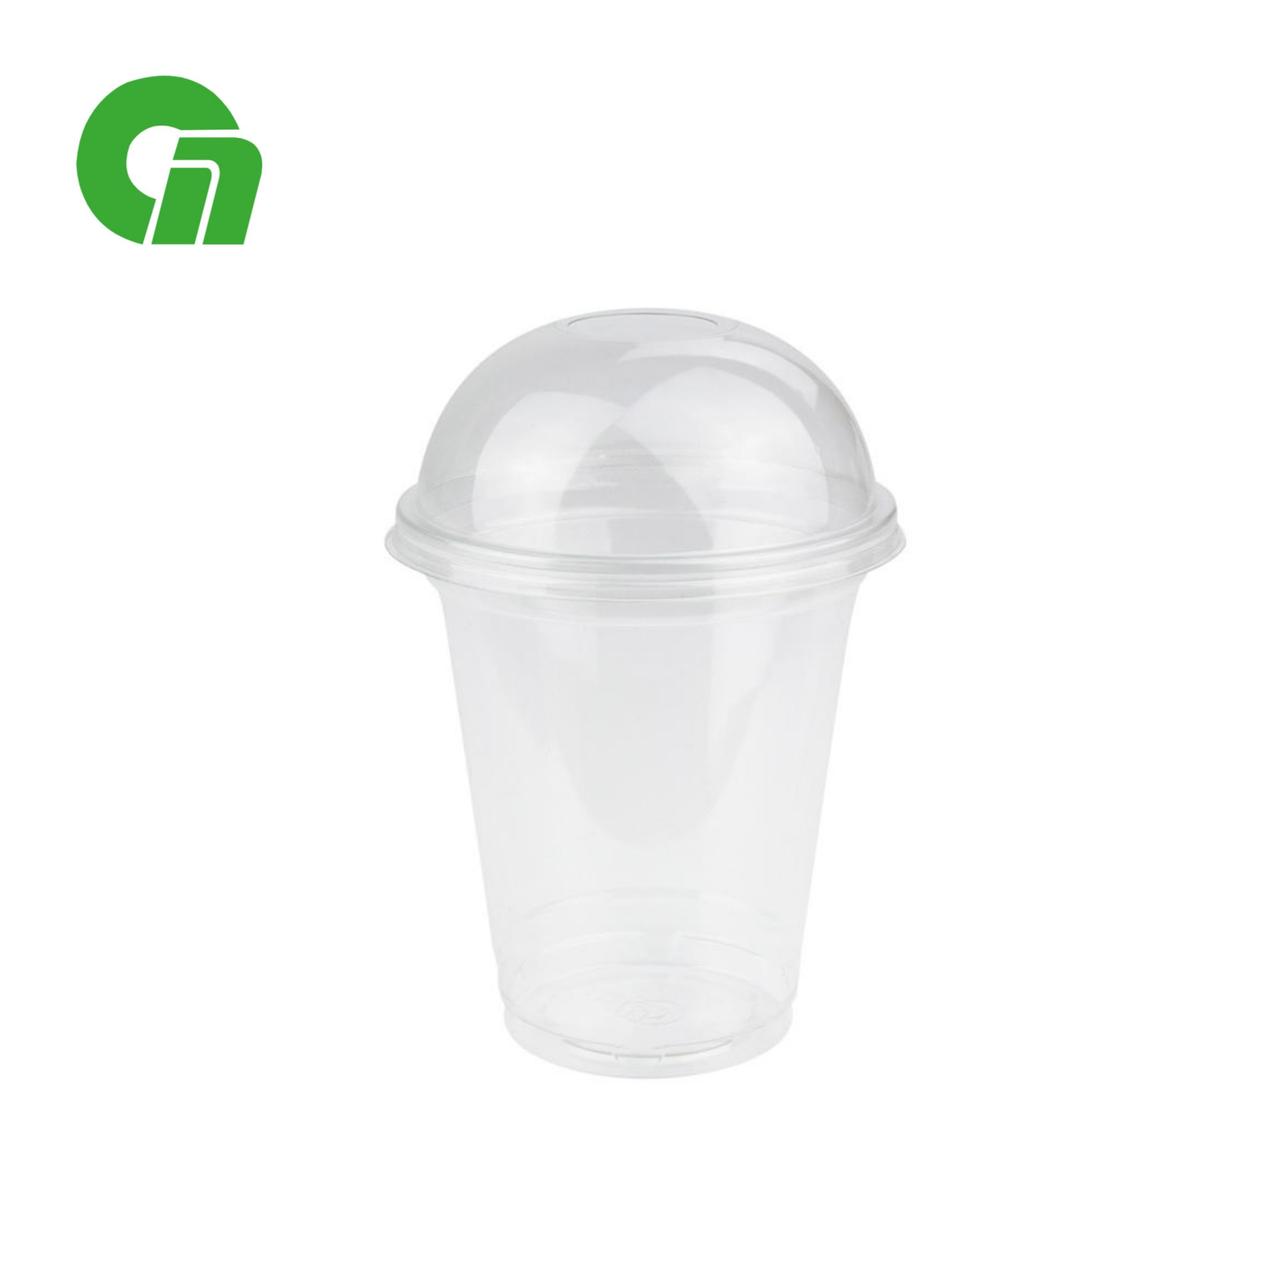 Стакан для коктейлей, пластиковый, с купольной крышкой (С отверстием/Без) - шейкер 300 мл(12 OZ) ПЭТ (50/1000)